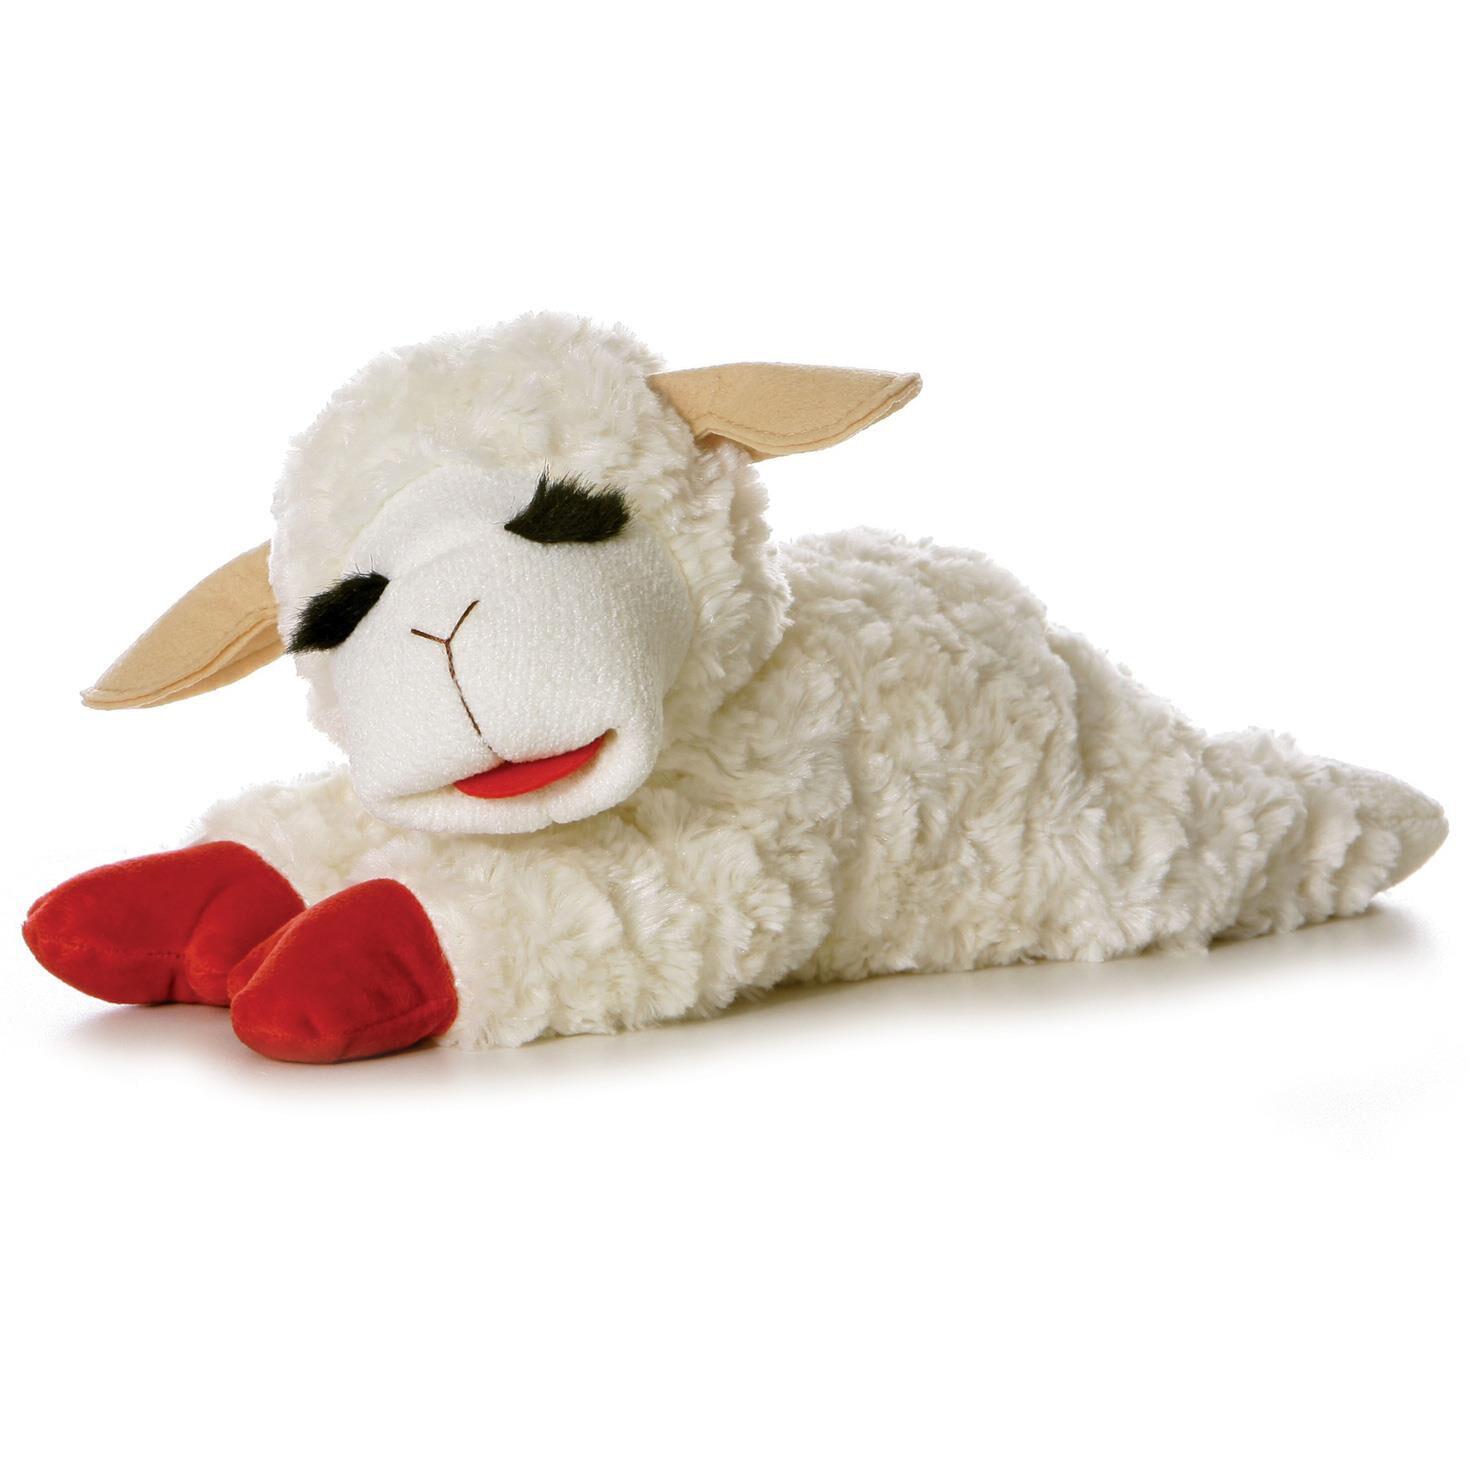 plush lamb chop stuffed animal 14